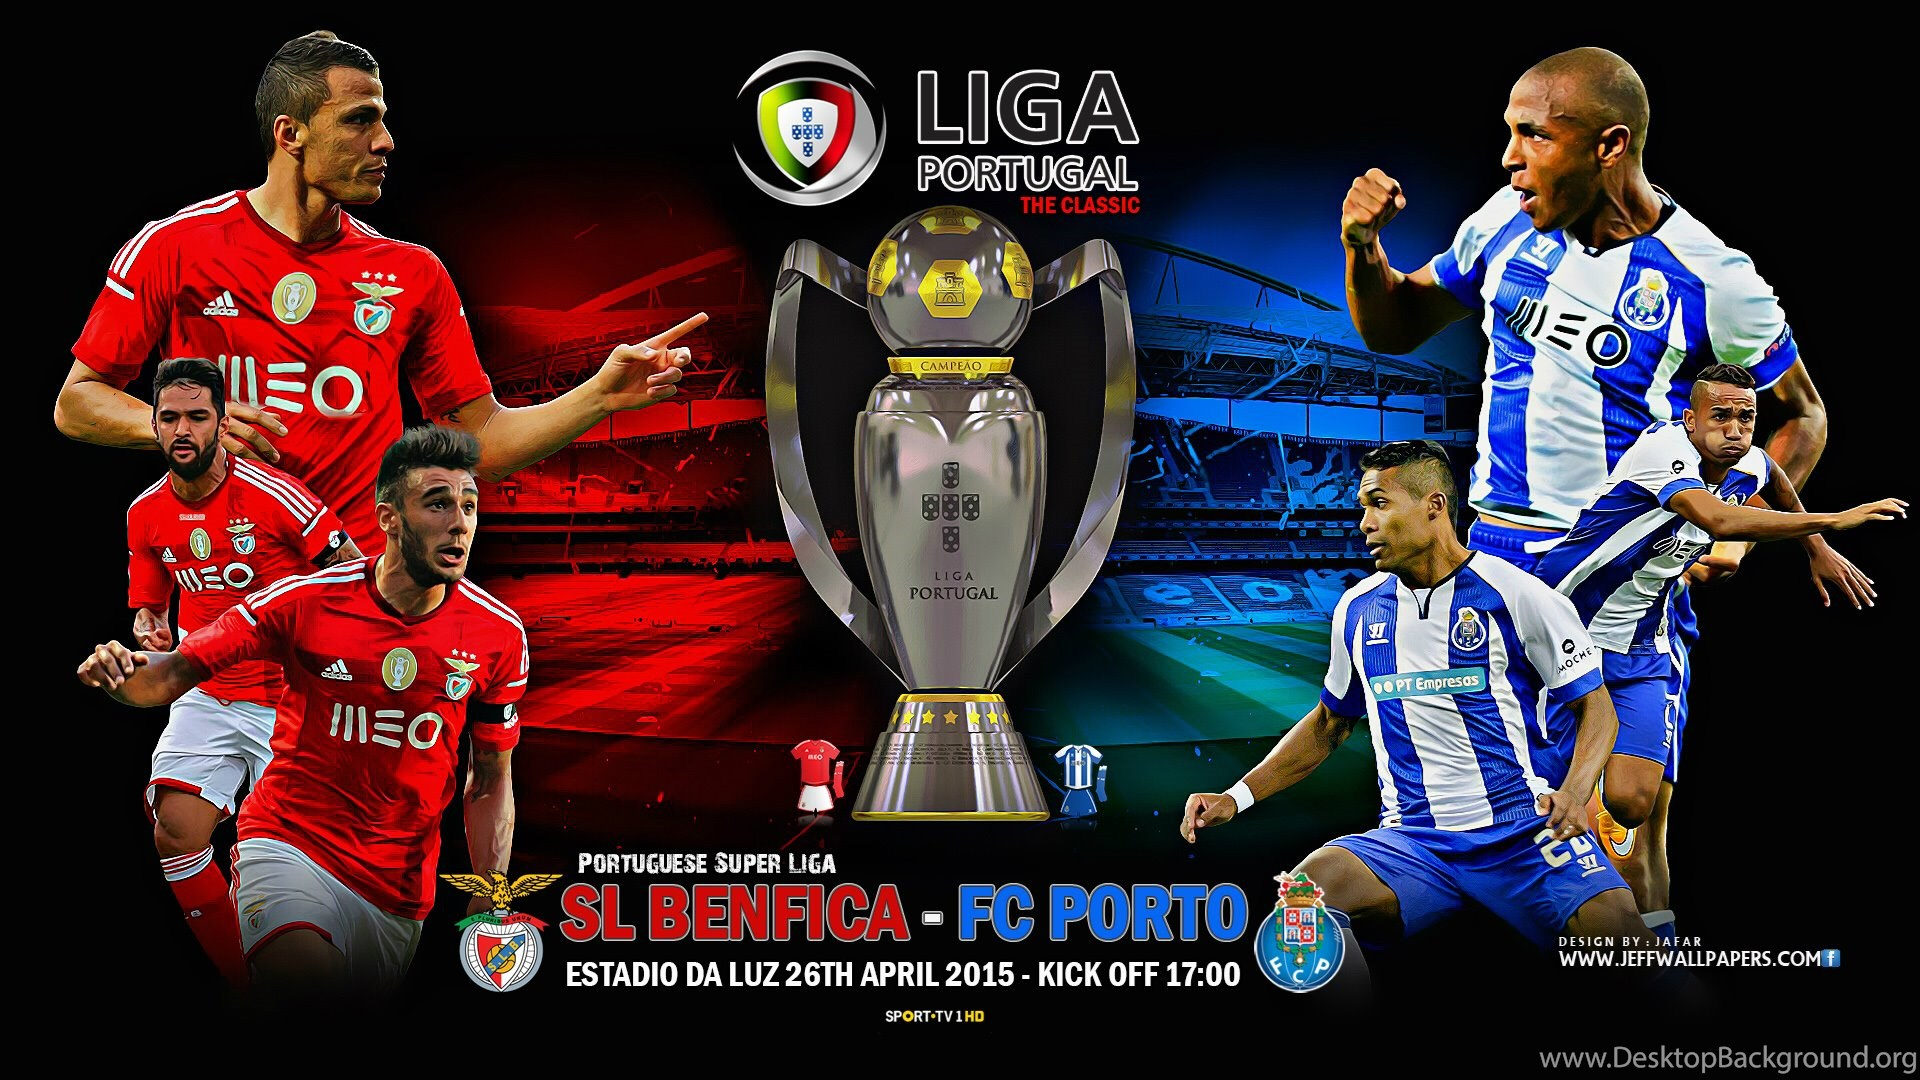 Benfica Vs